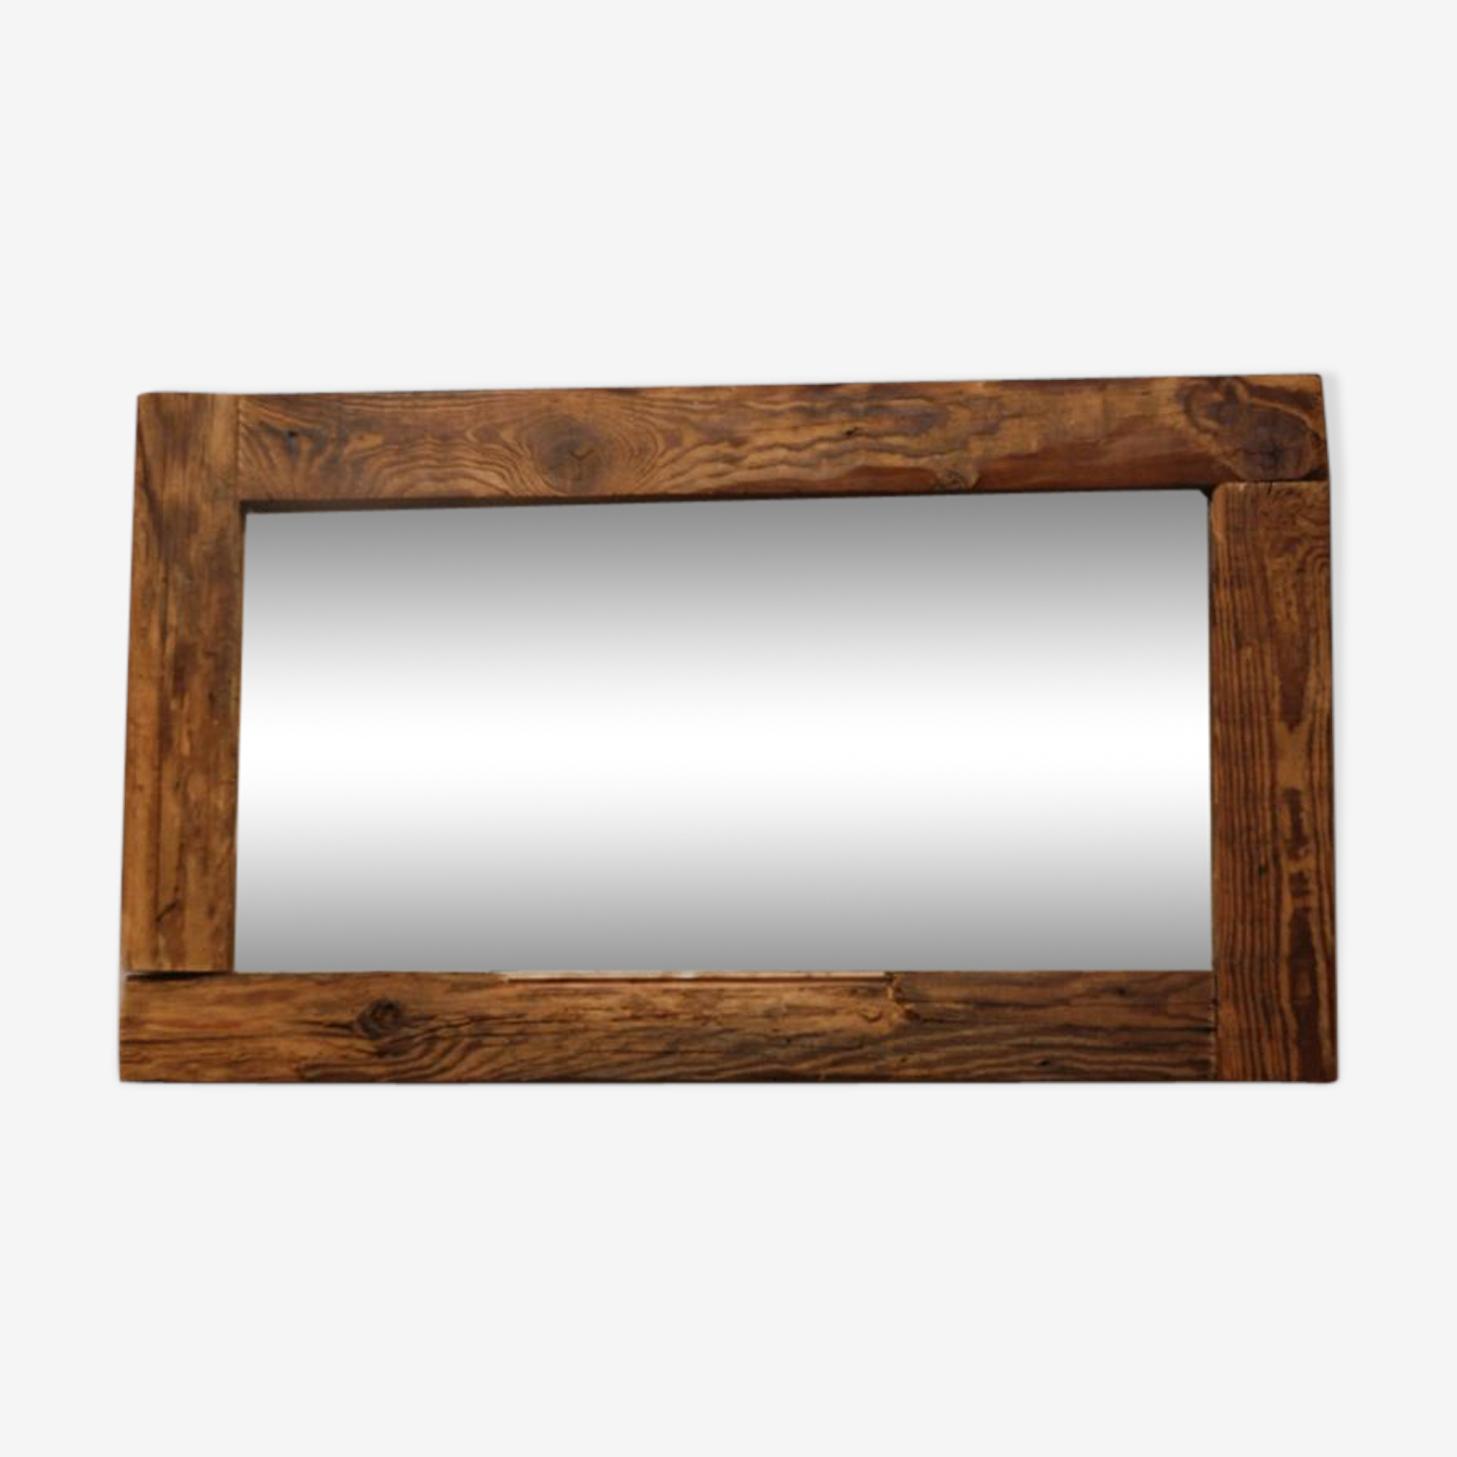 Miroir brut et massif 79 x 46 cm